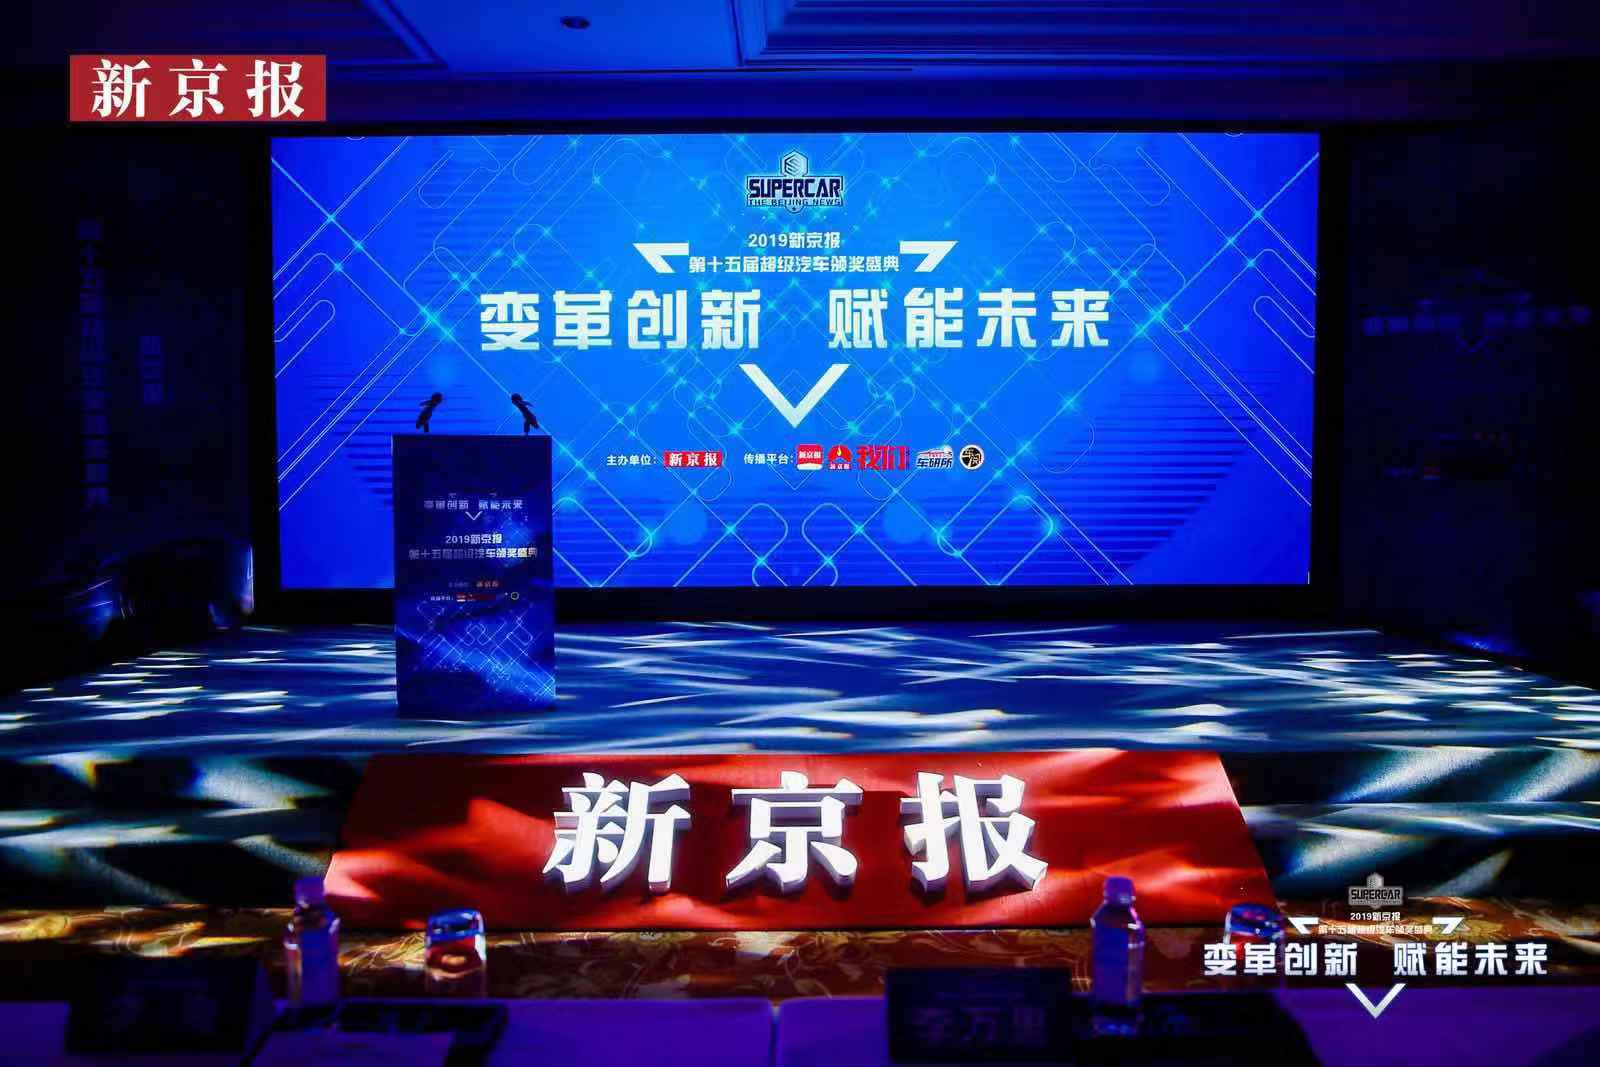 广汽本田皓影获新京报年度超级汽车,25个单项奖揭晓!